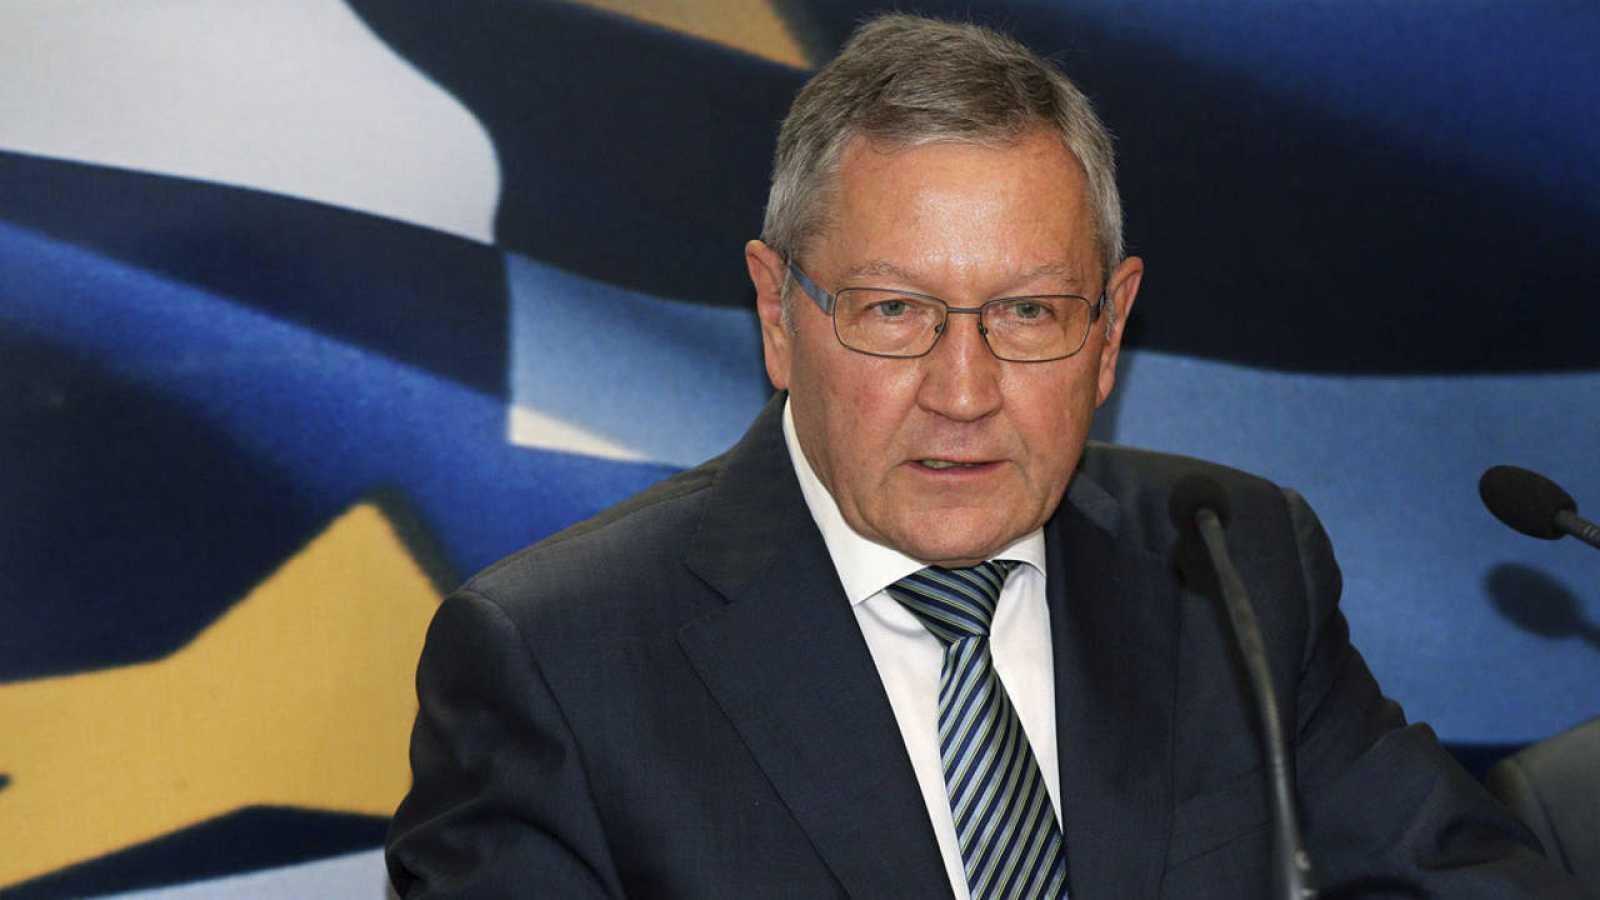 El jefe del Mecanismo Europeo de Estabilidad (MEDE), Klaus Regling